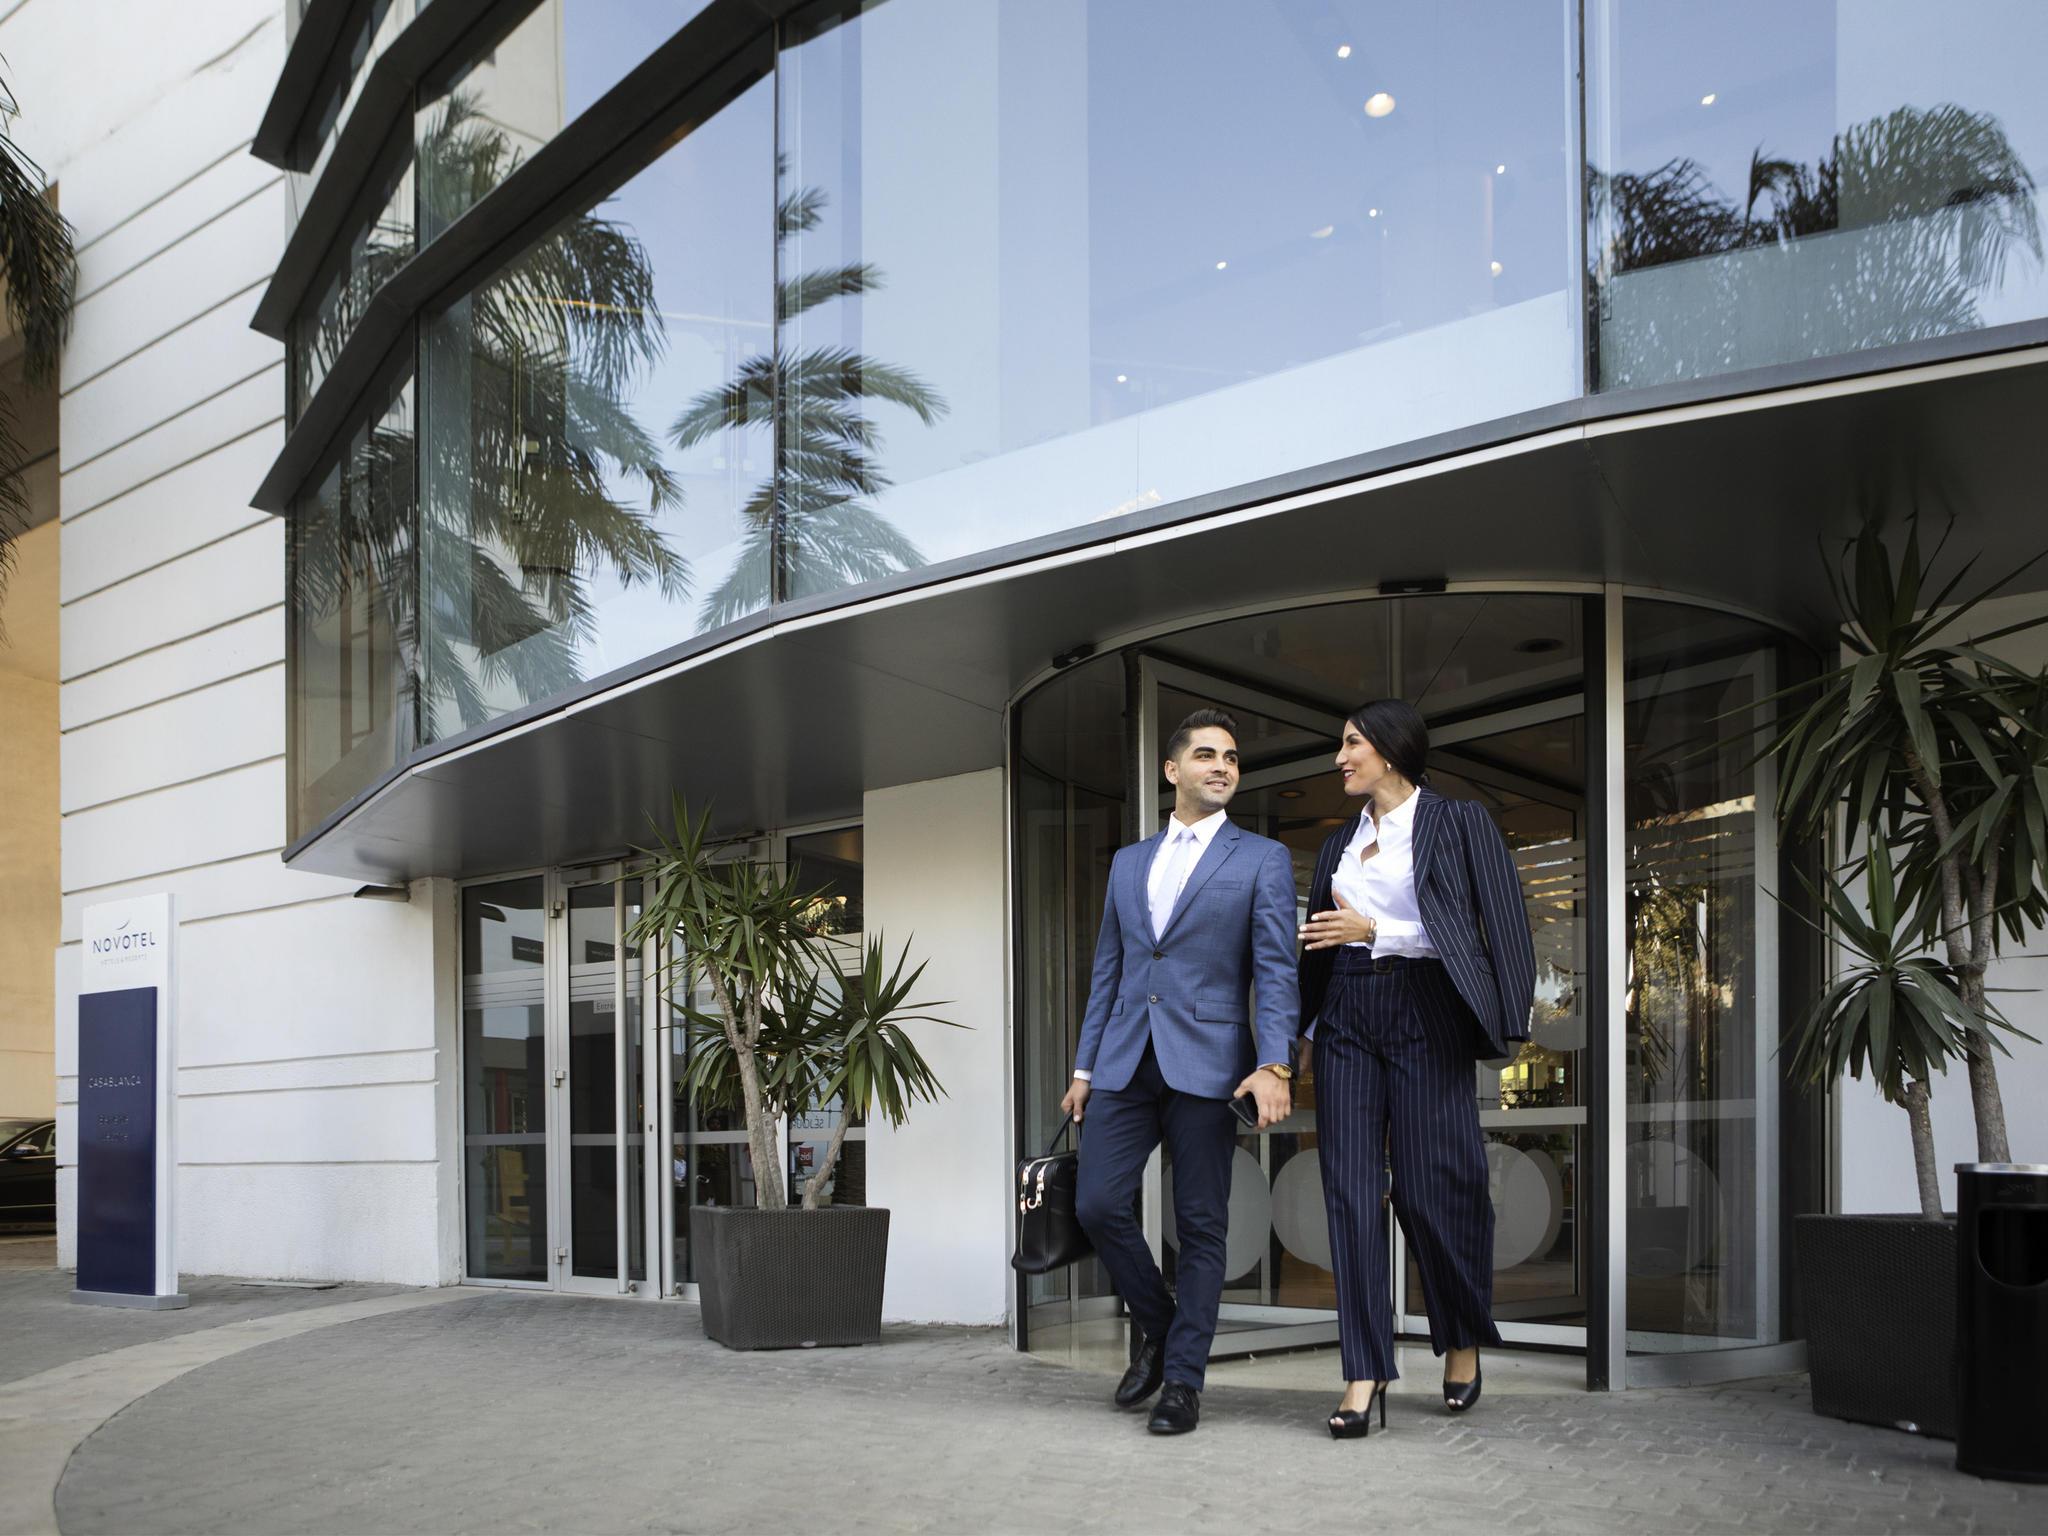 ホテル – ノボテルカサブランカシティセンター